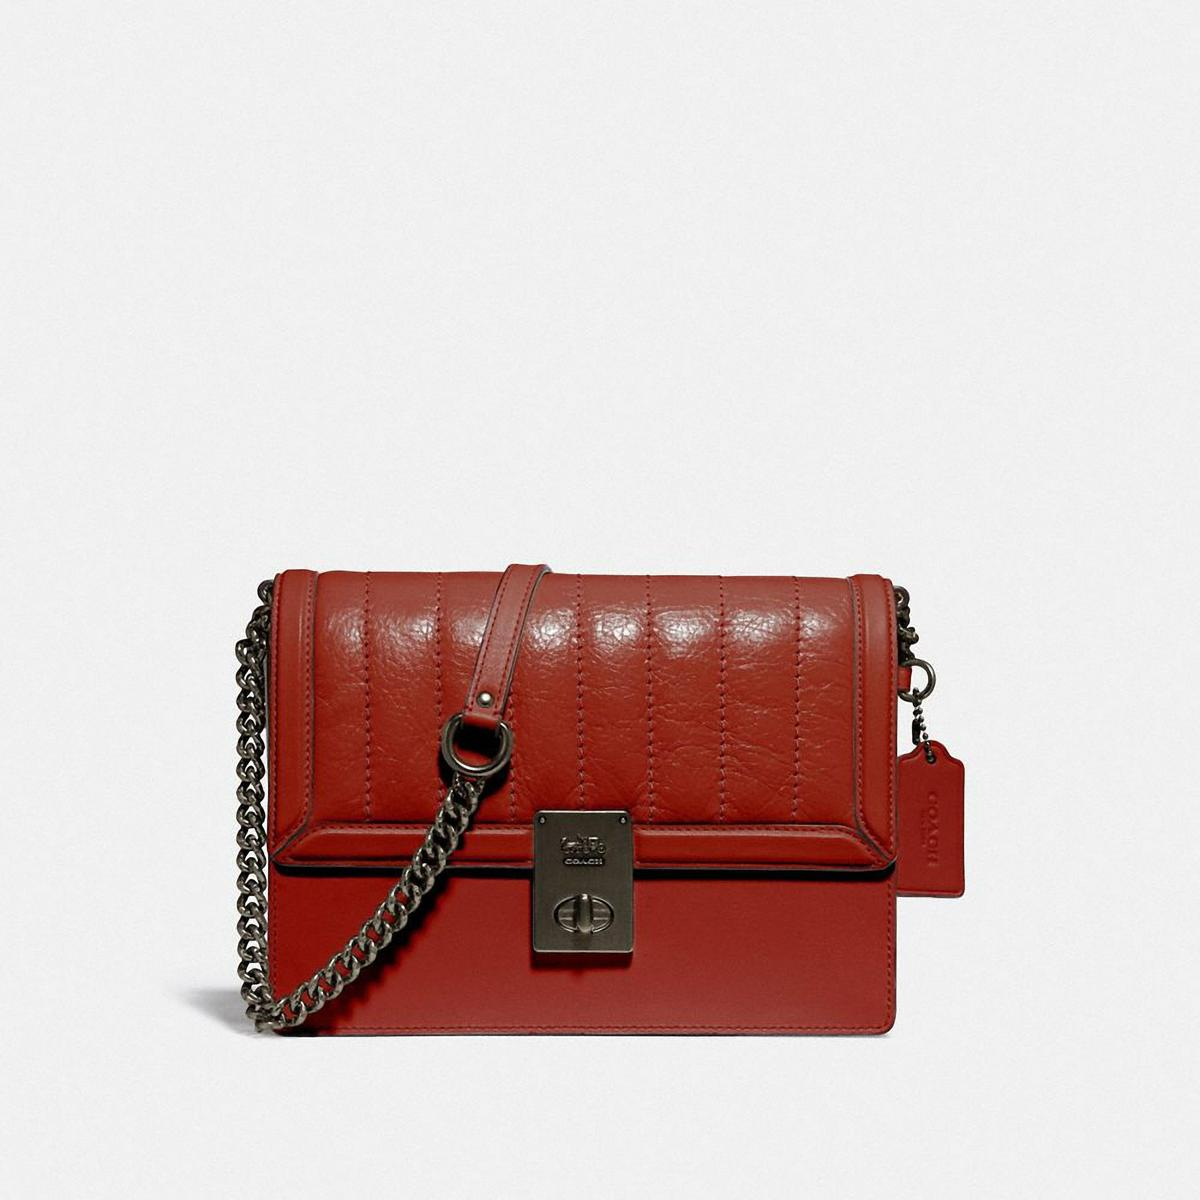 绗縫皮革Hutton手袋。NT$23,800(COACH提供)